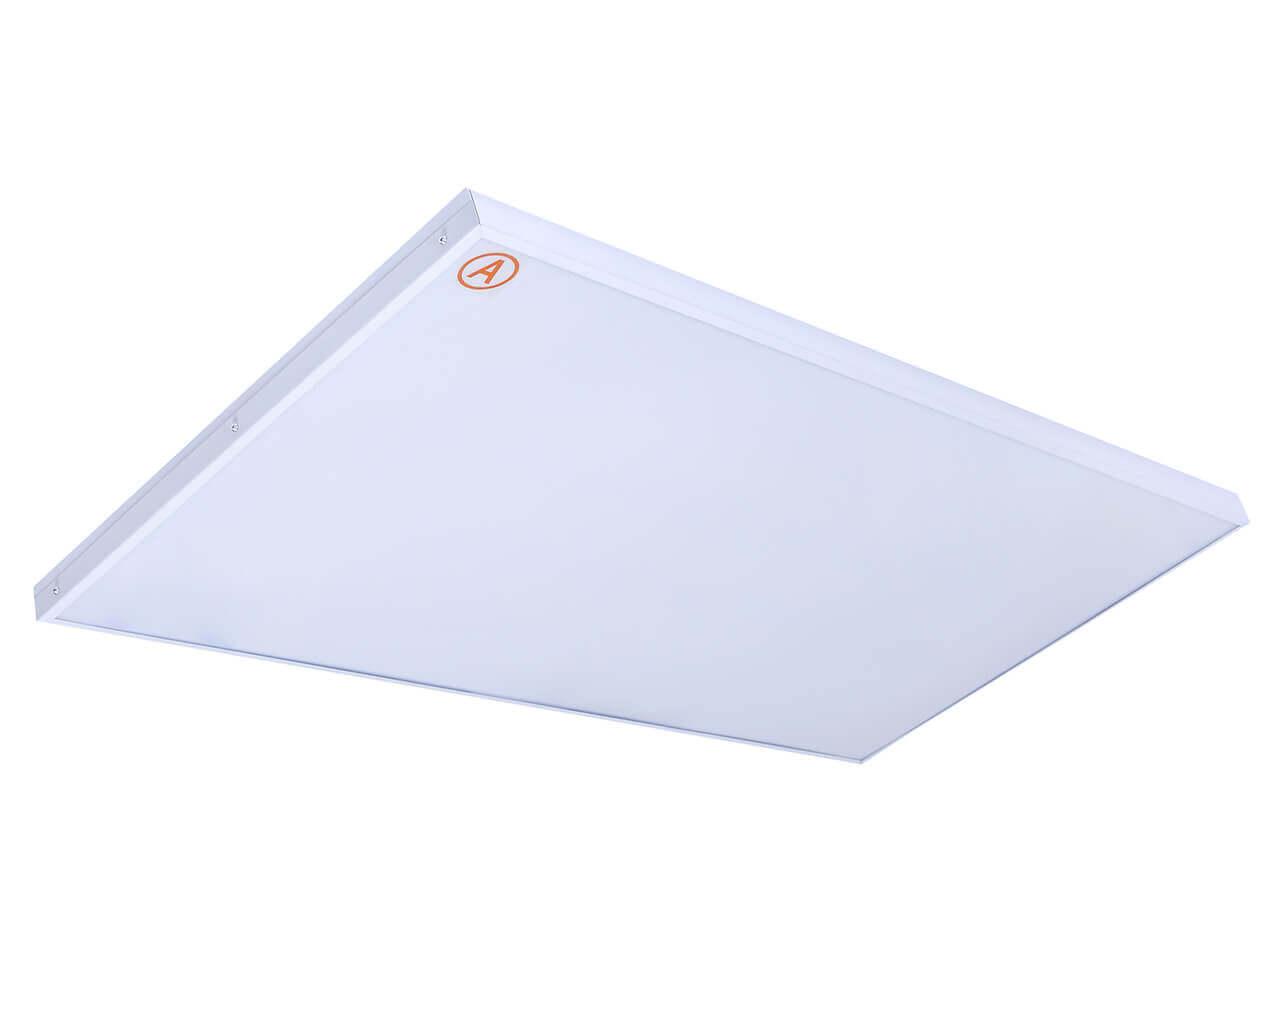 Универсальный светильник LC-US-80-OP-WW ватт 1195x595 Теплый белый Опал с Бап-3 часа